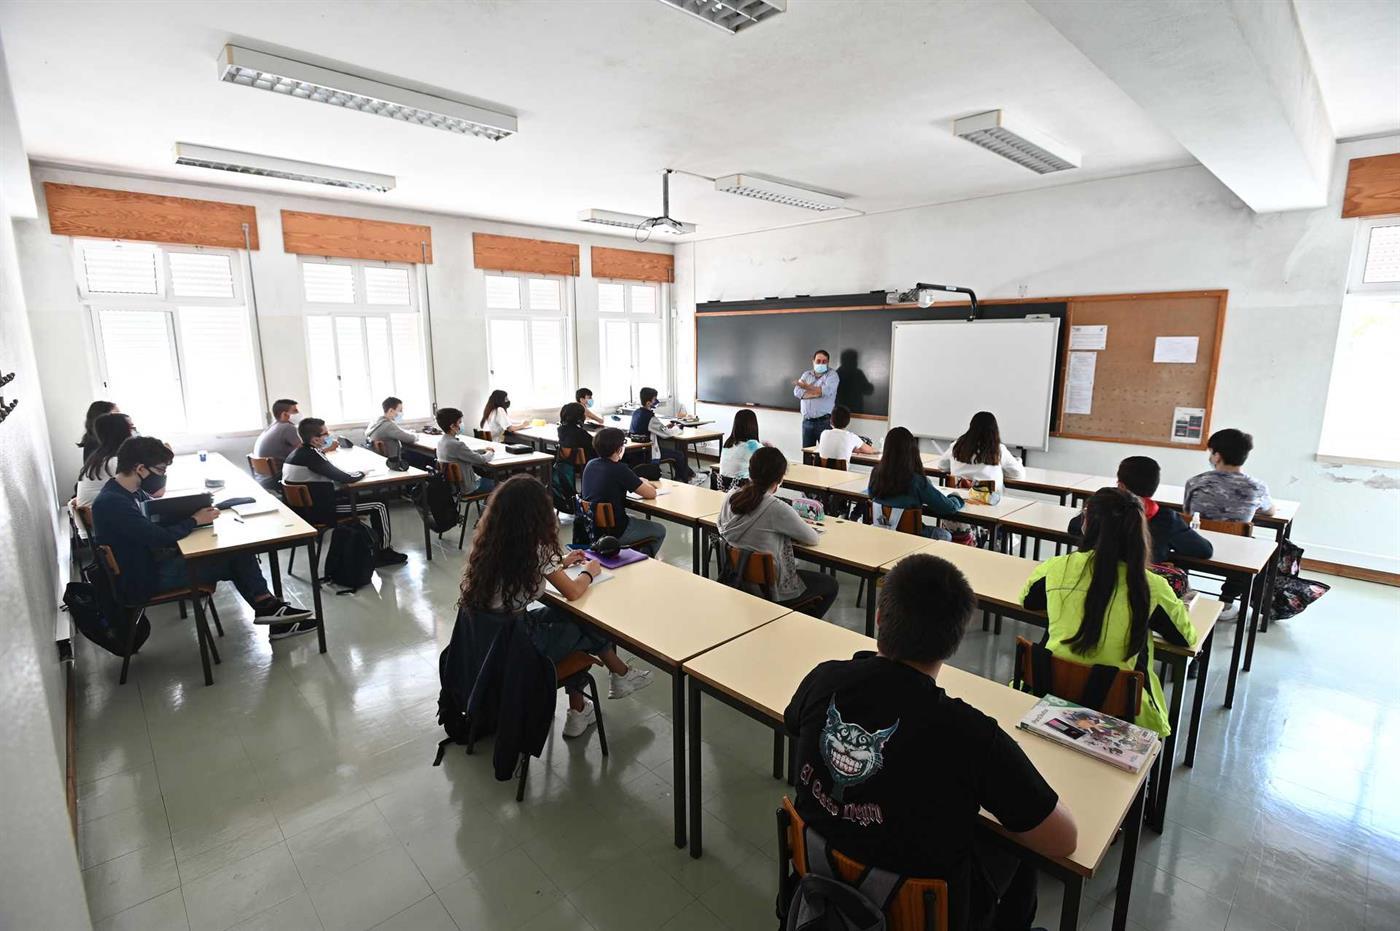 Cada turma tem no máximo 22 alunos.